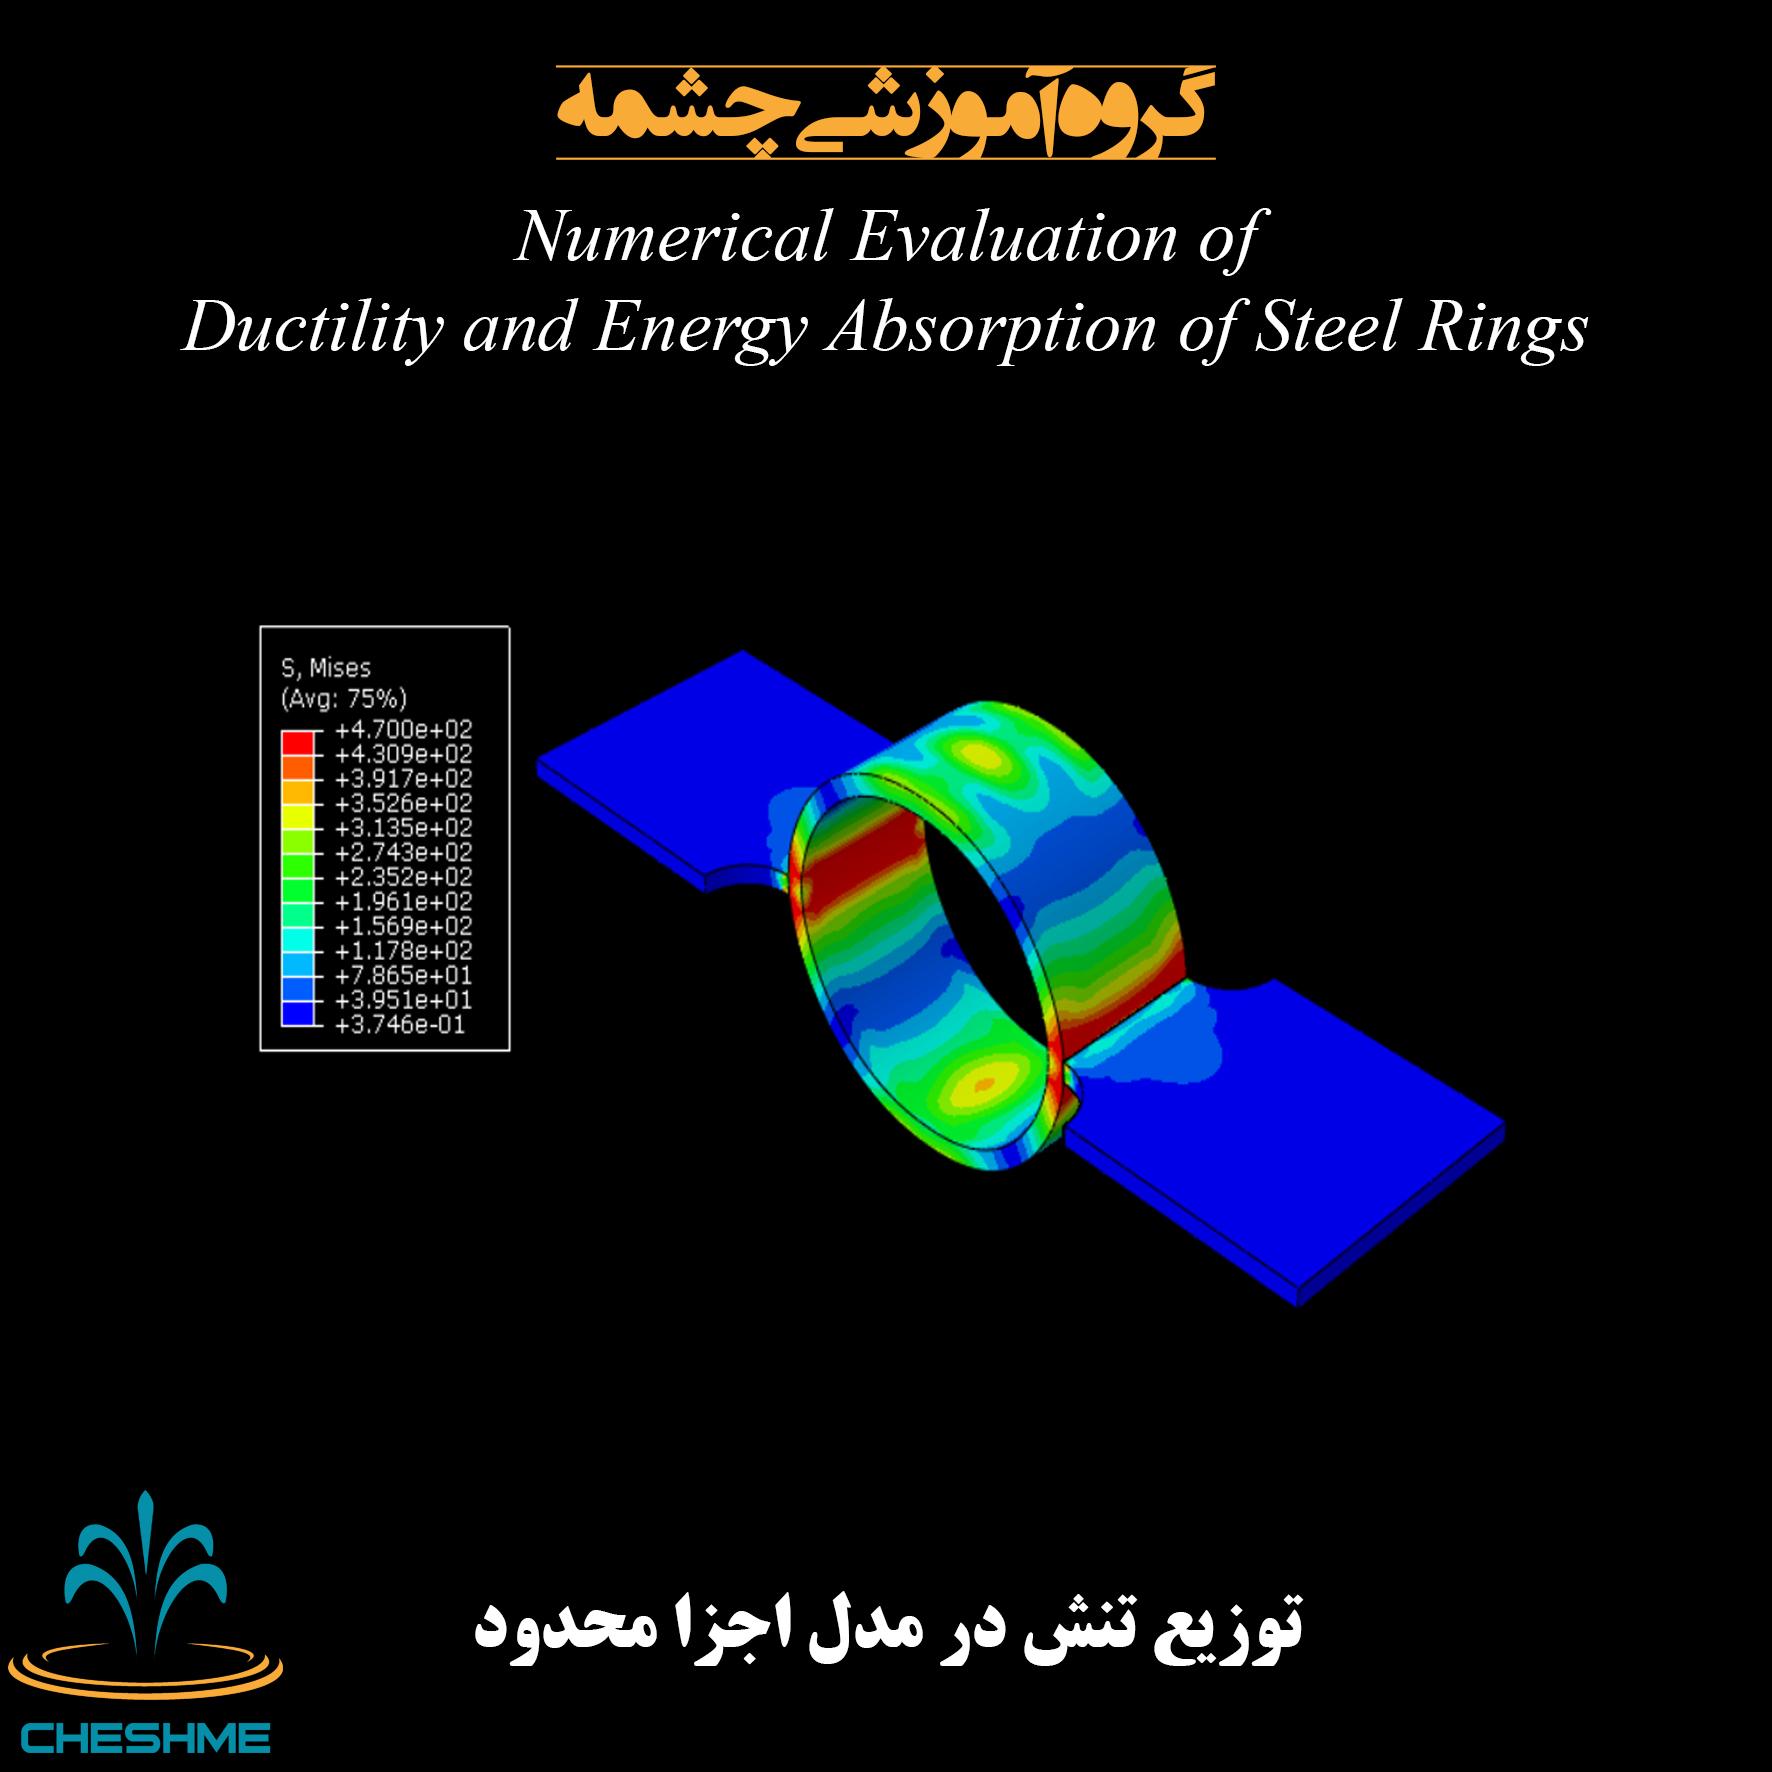 توزیع تنش در حلقه فولادی مدل صحت سنجی شده در آباکوس